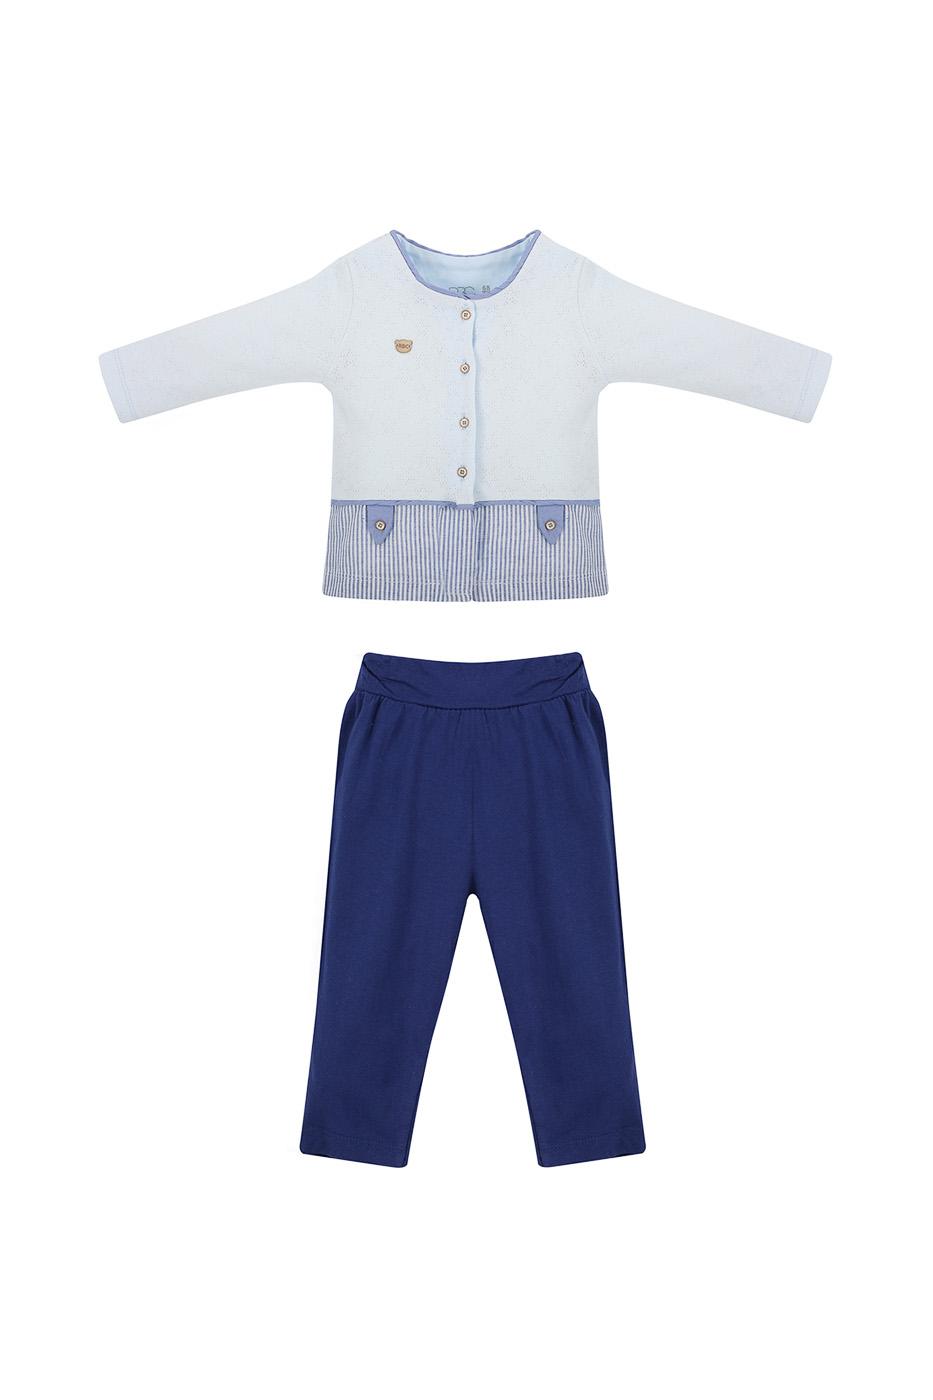 Купить МЛ473432, Комплект одежды RBC, цв. белый р.68,